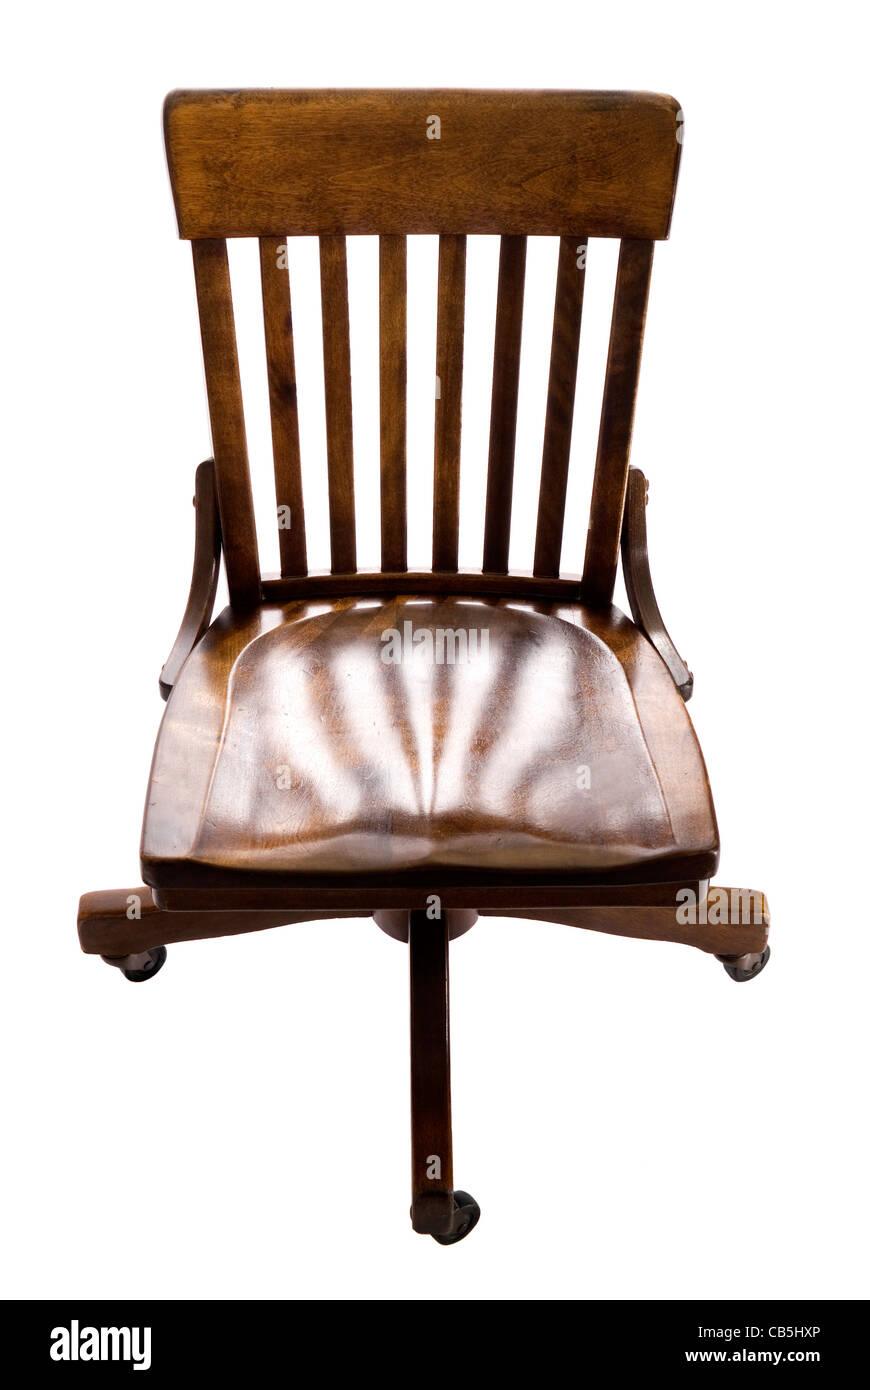 Antique oak swivel desk chair on wheels - Antique Oak Swivel Desk Chair On Wheels Stock Photo: 41305790 - Alamy